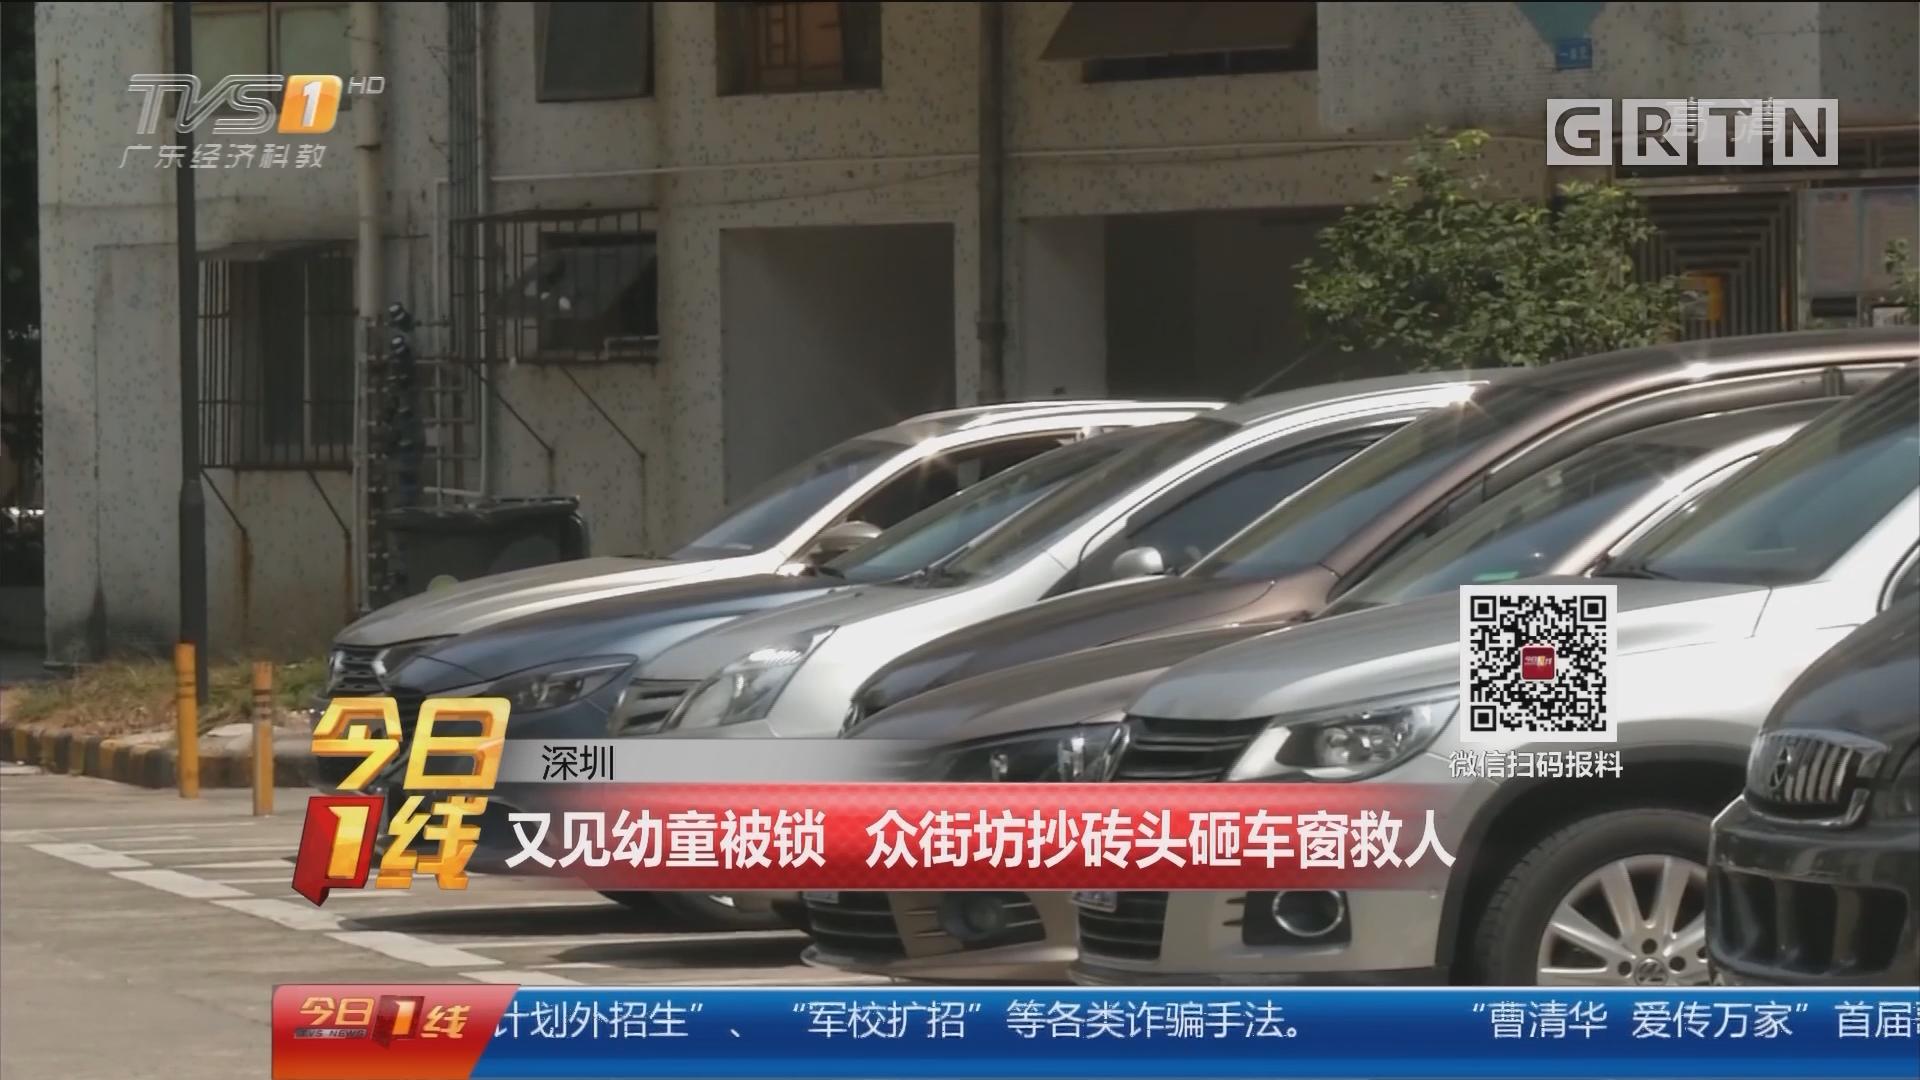 深圳:又见幼童被锁 众街坊抄砖头砸车窗救人